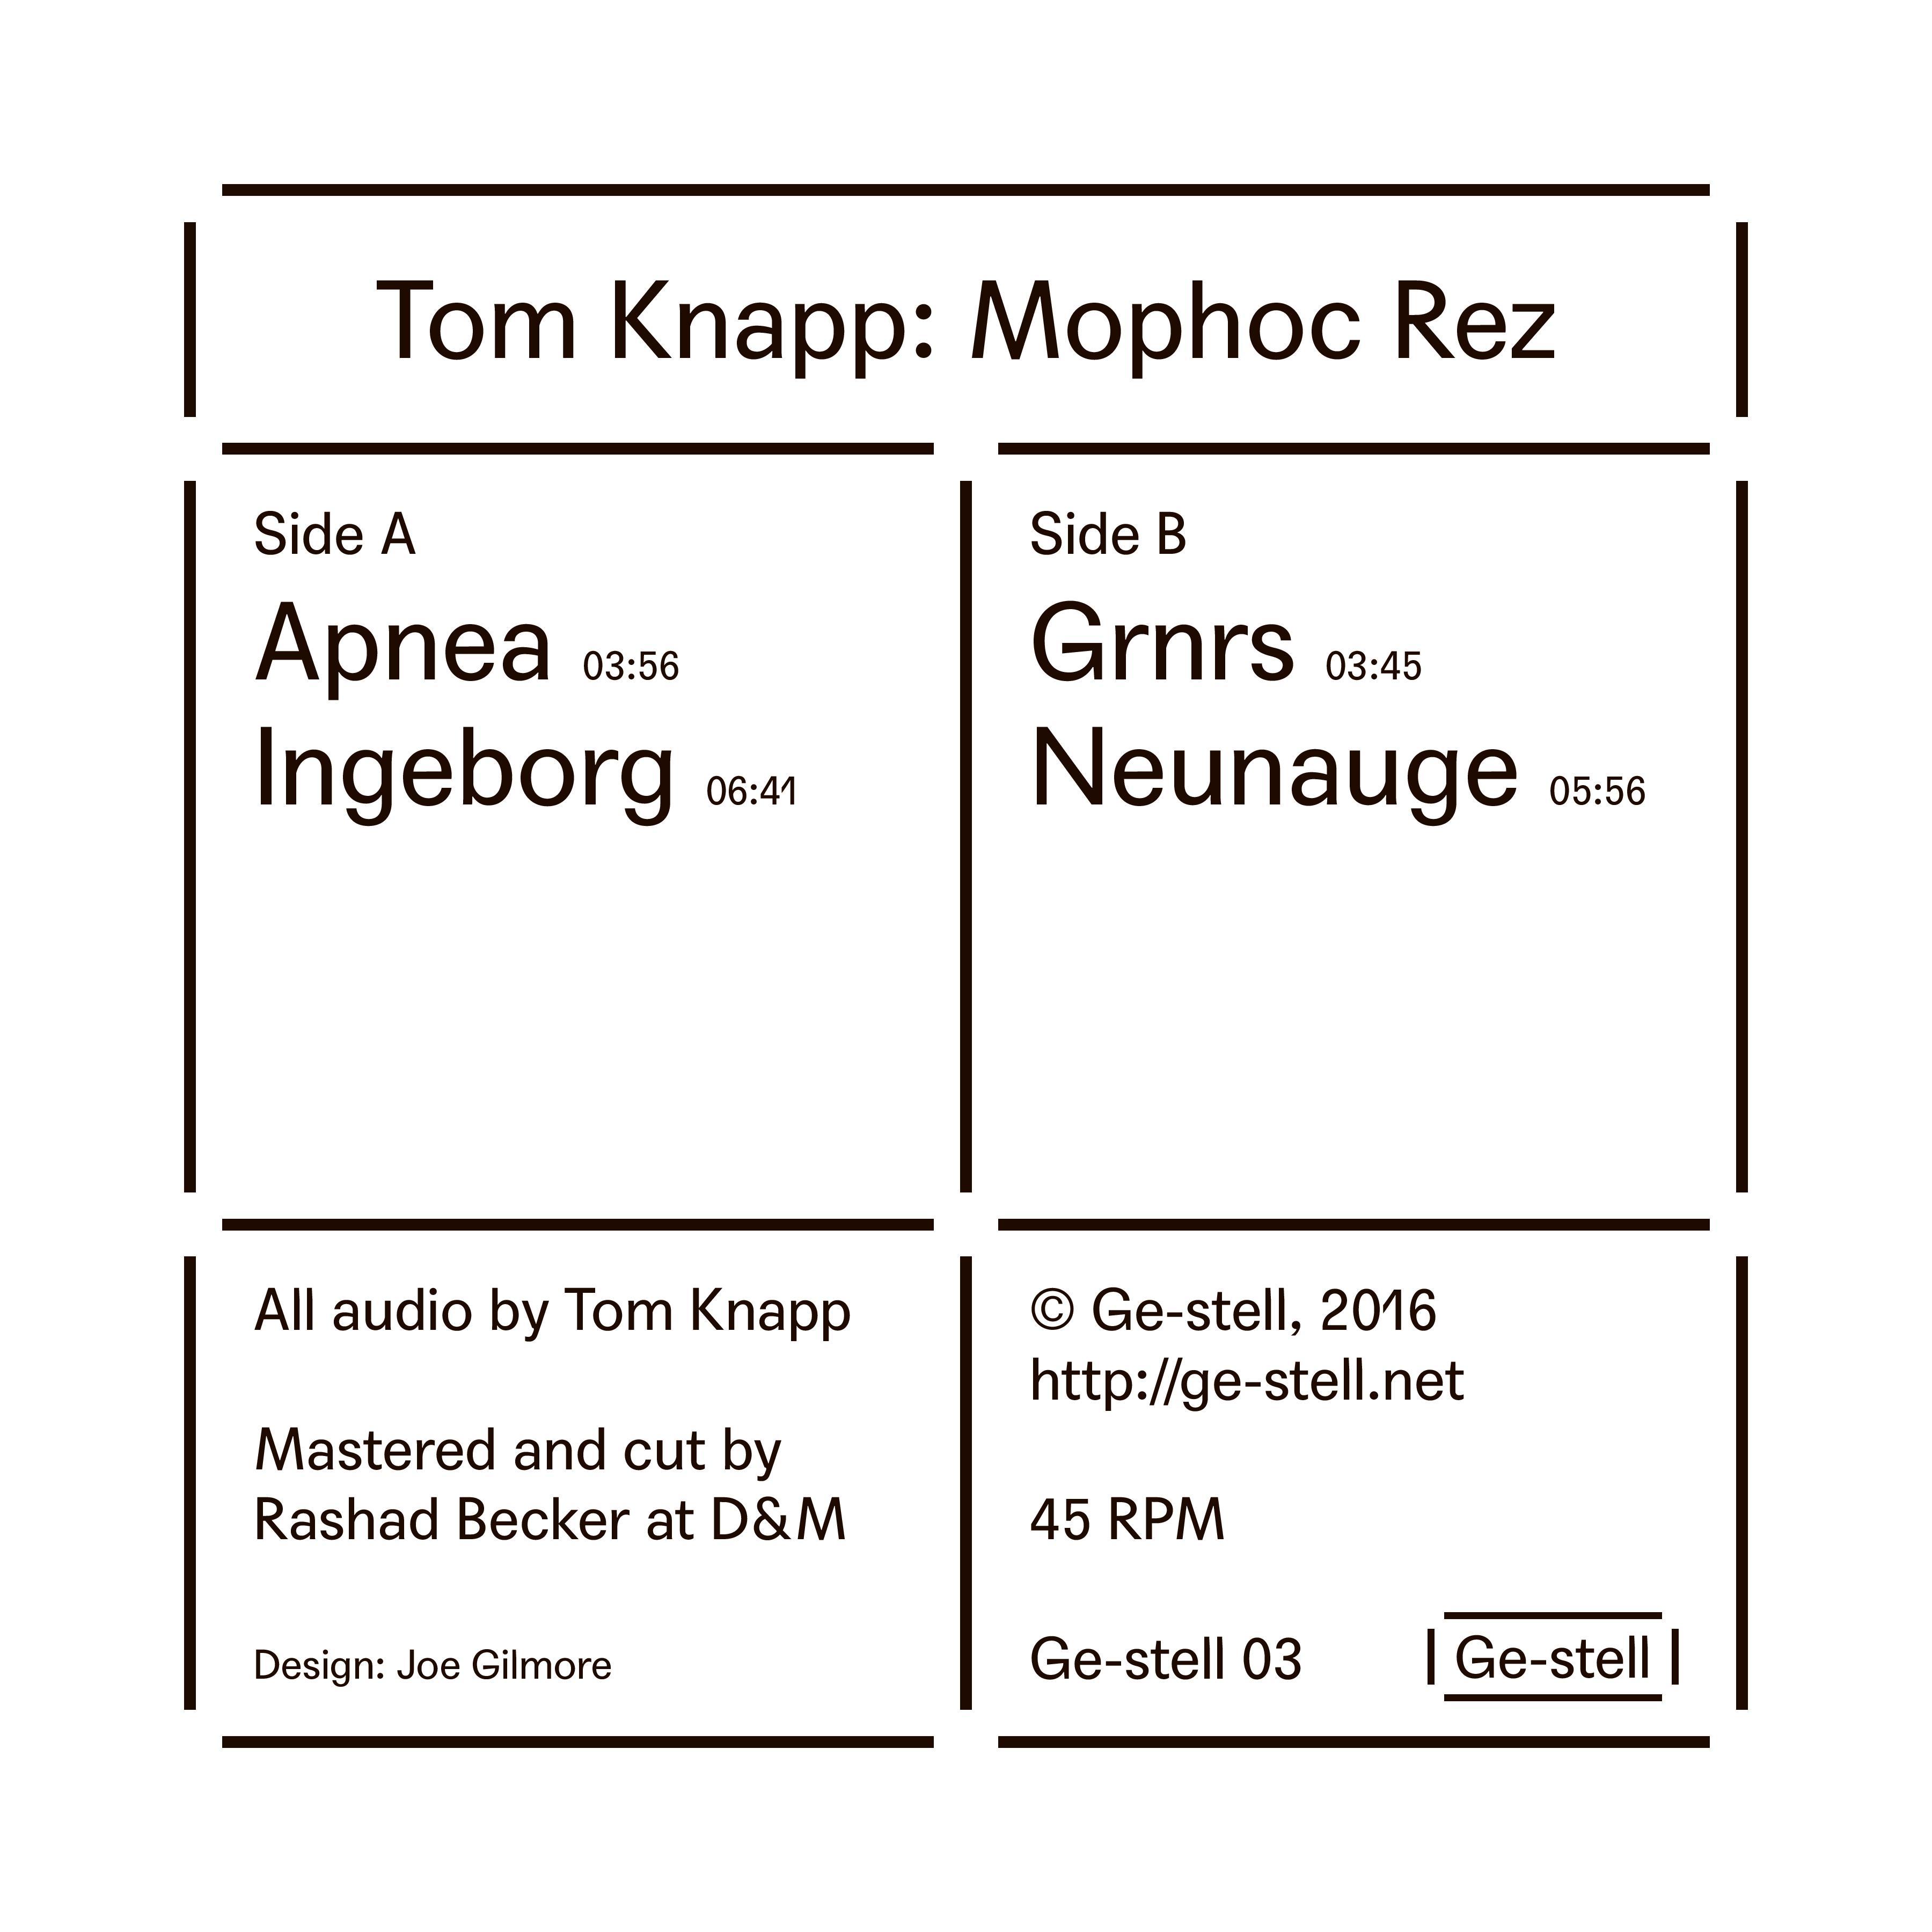 Tom Knapp - Mophoc Rez (EP)